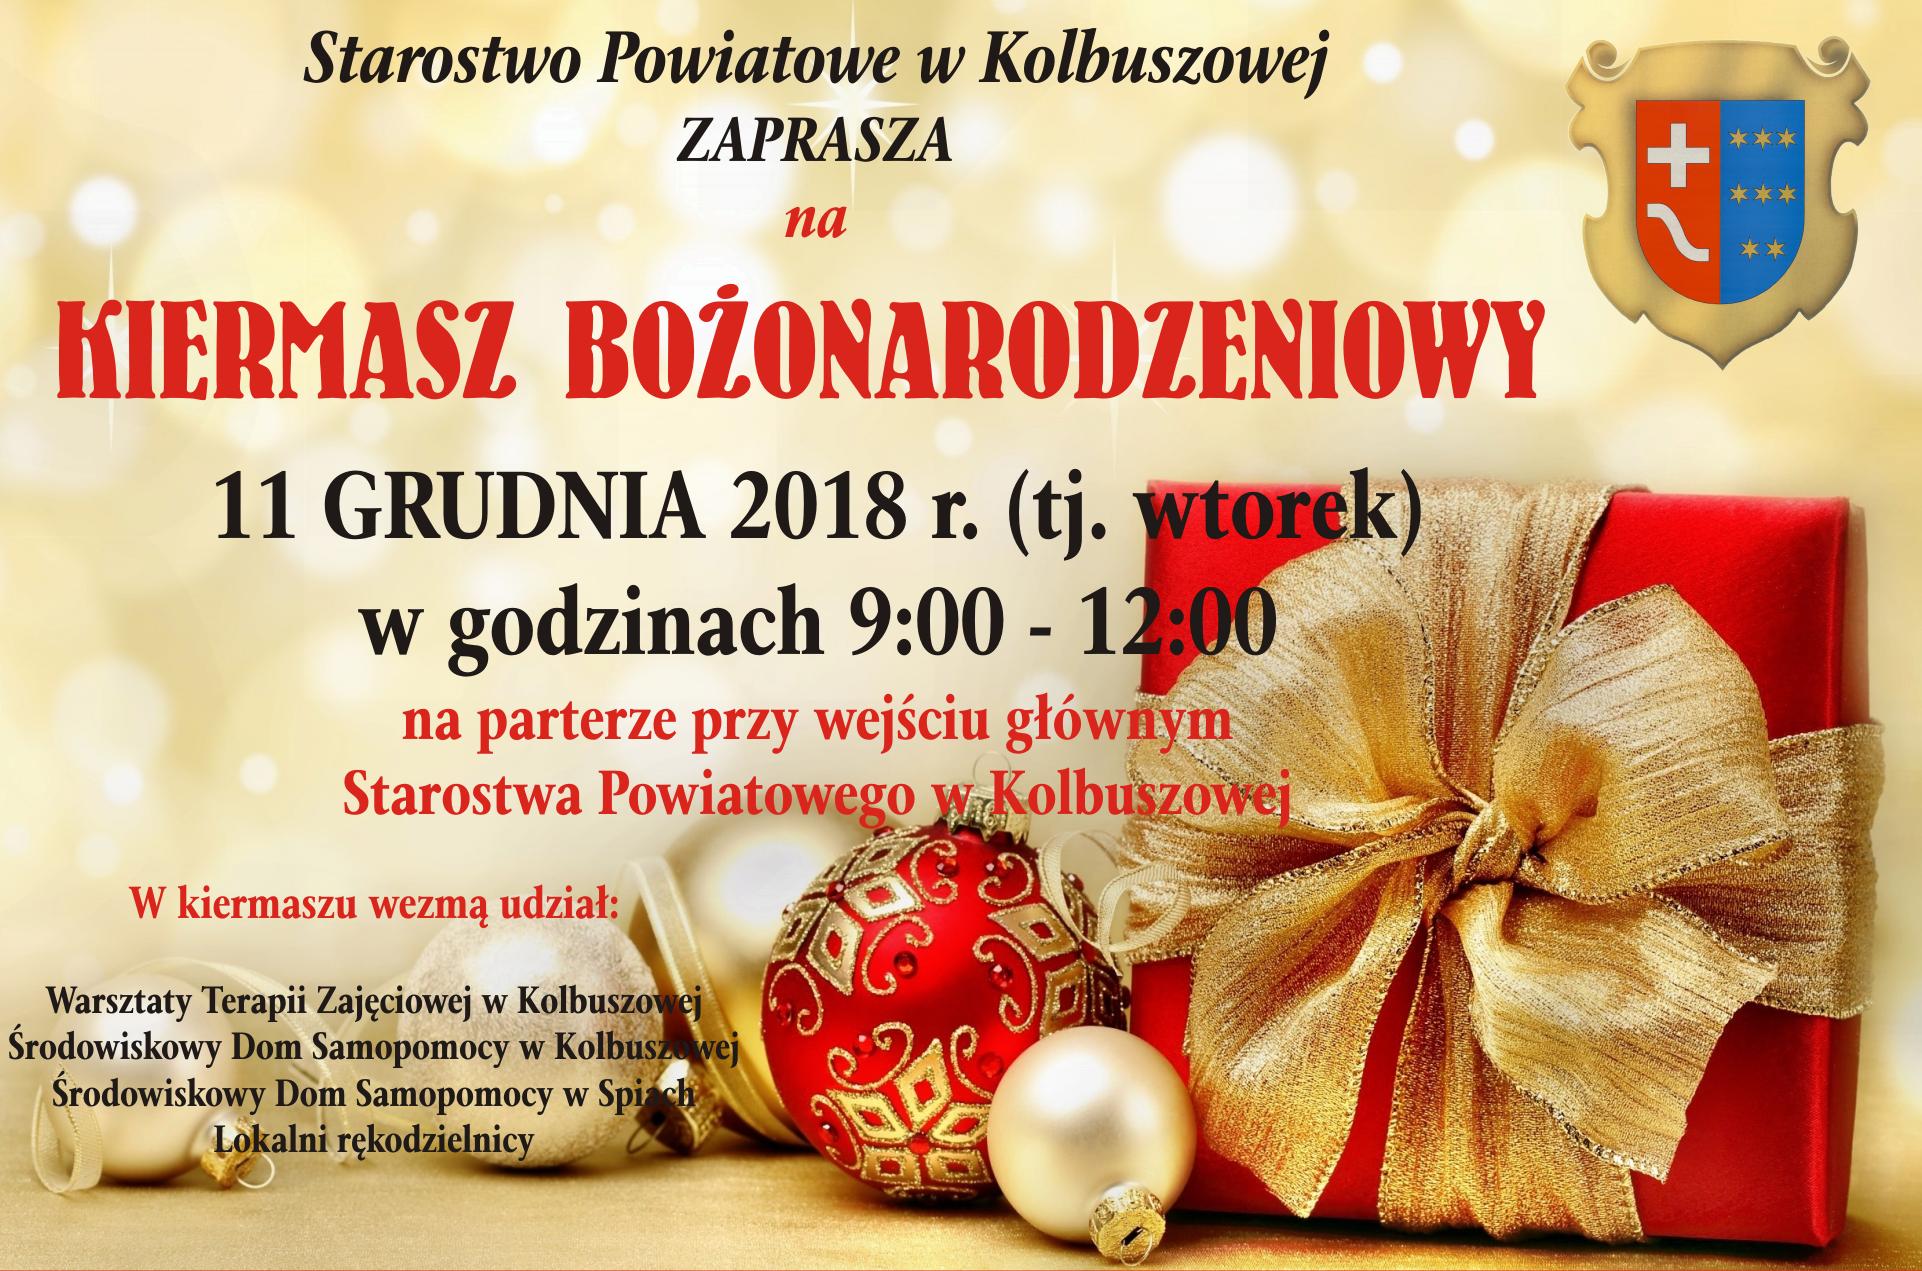 Bożonarodzeniowy kiermasz w kolbuszowskim starostwie  - Zdjęcie główne